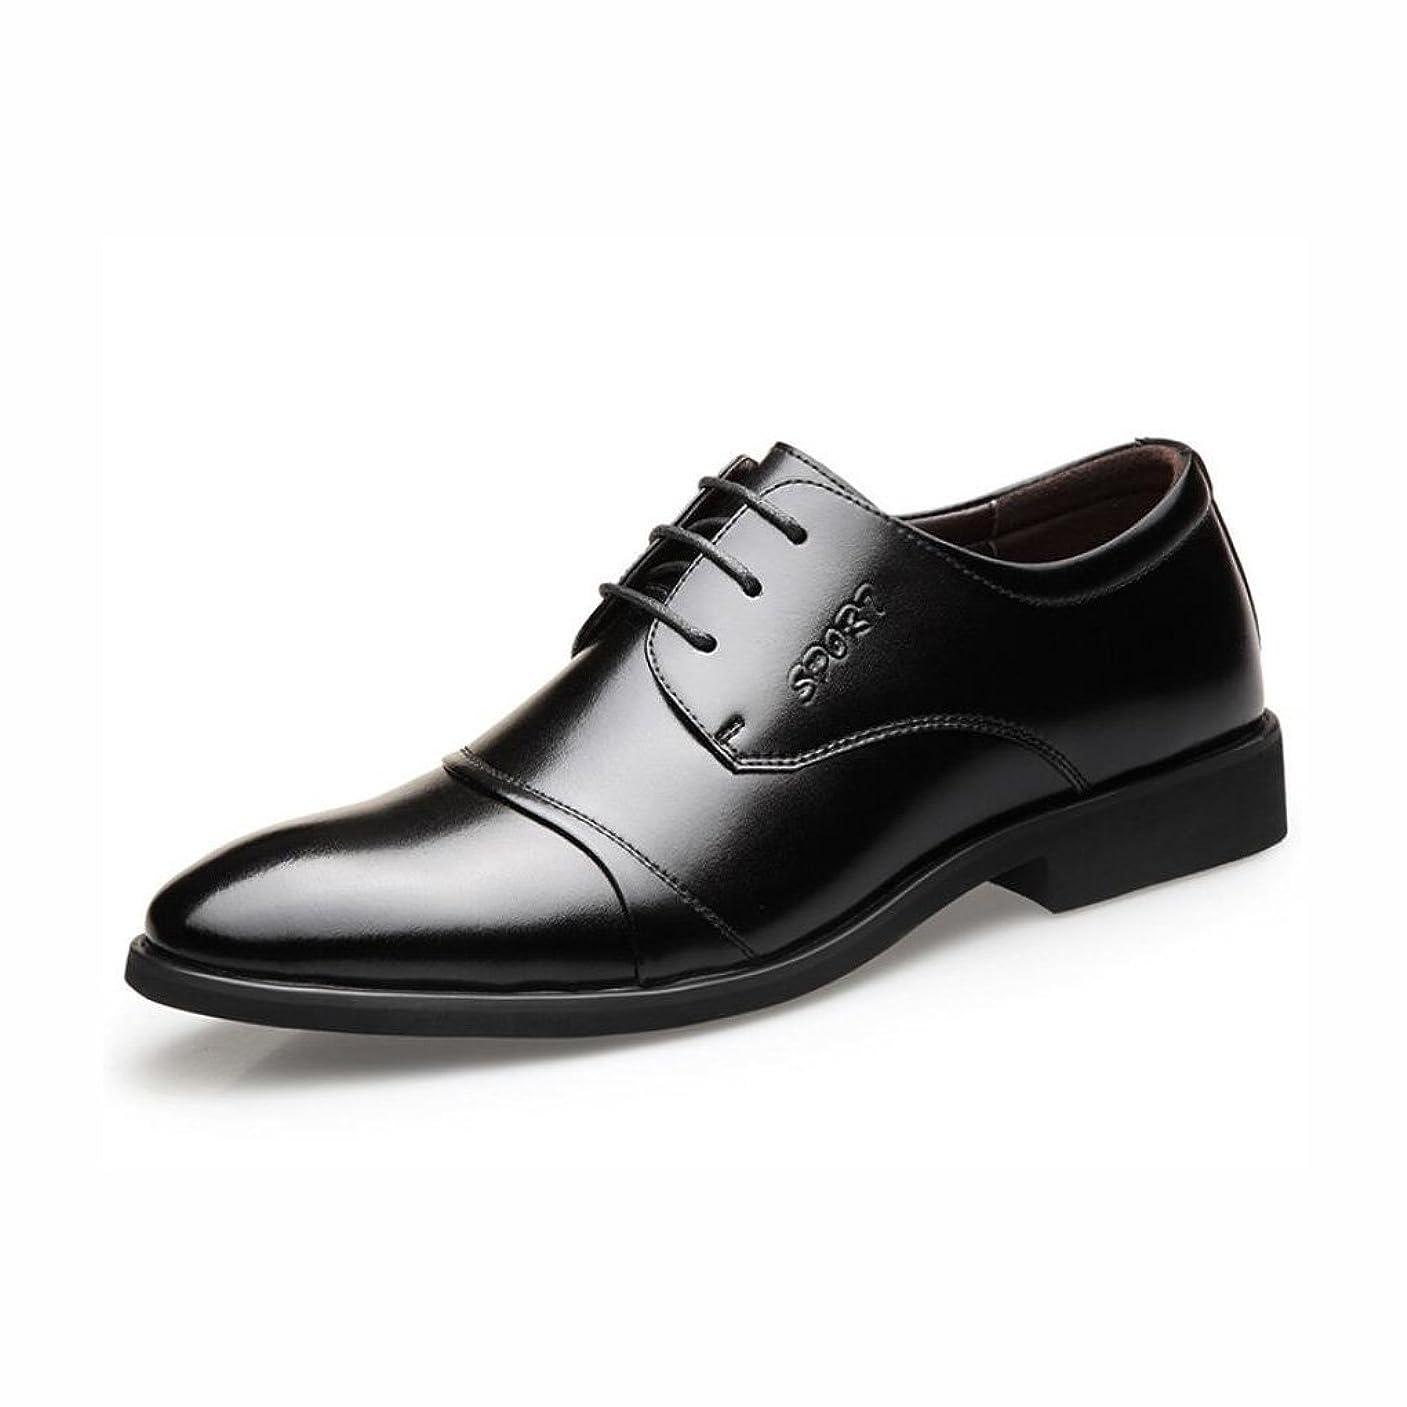 作詞家インフルエンザアイザックメンズフォーマルシューズ、春の秋の革の靴、ビジネスシューズをレース、尖ったつま先の靴、オフィスで一日のための完璧な,Black,44